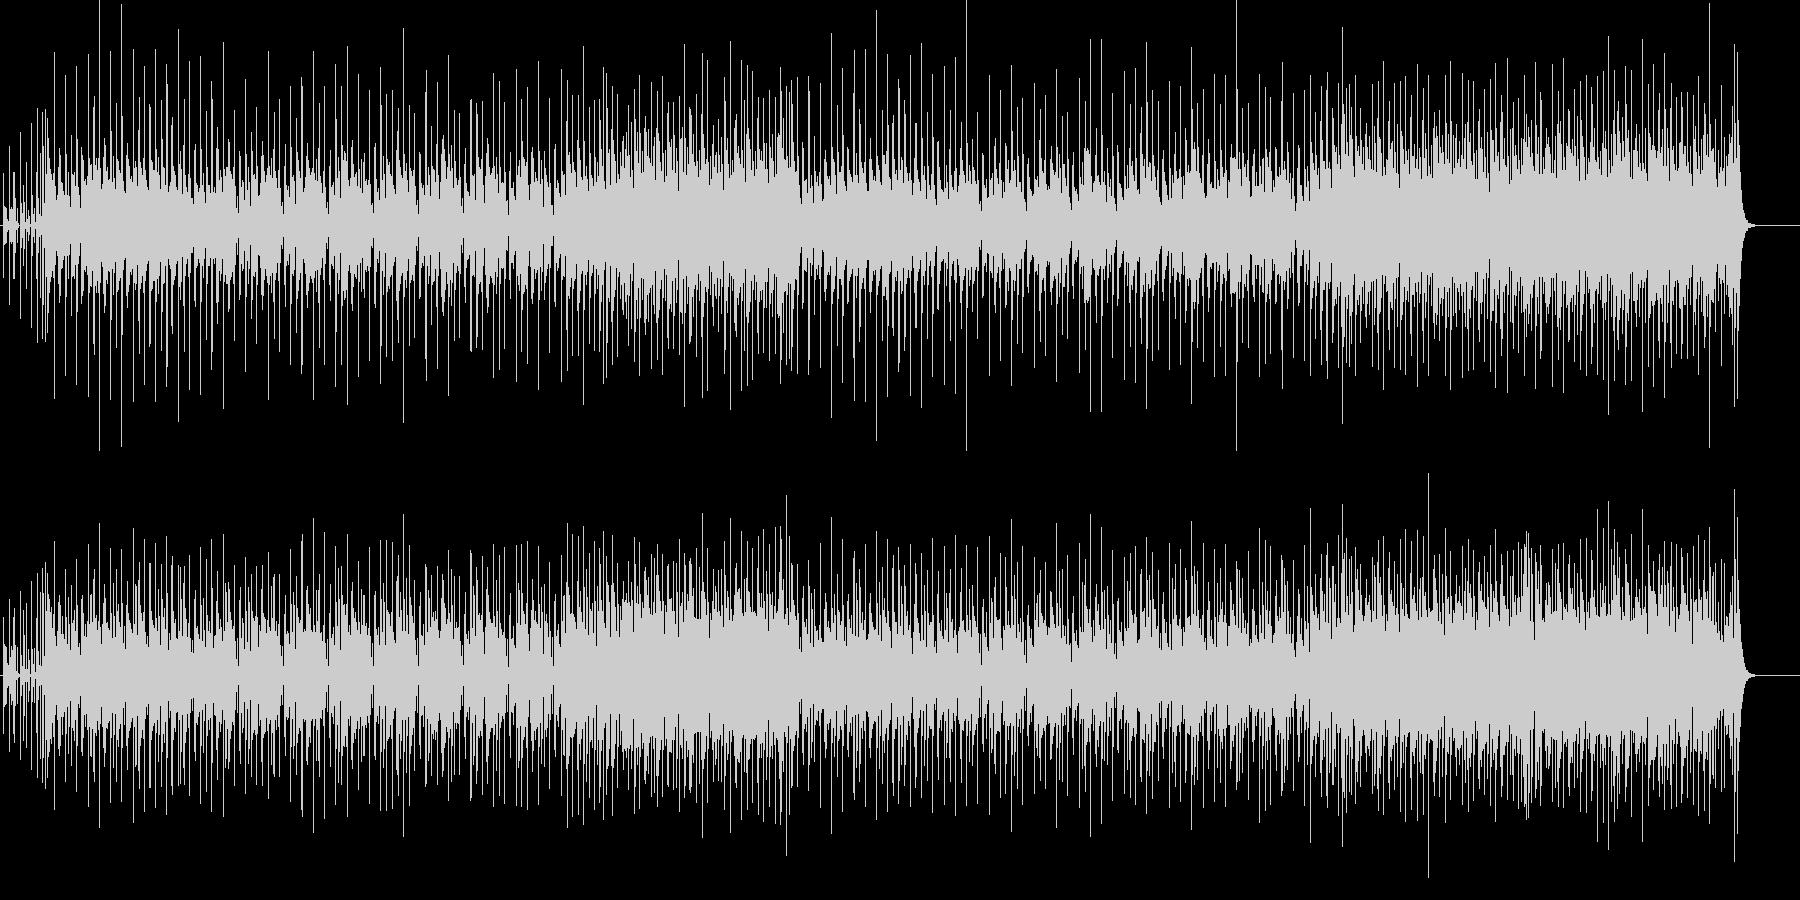 グレシャスなミディアム・ポップス(退場)の未再生の波形